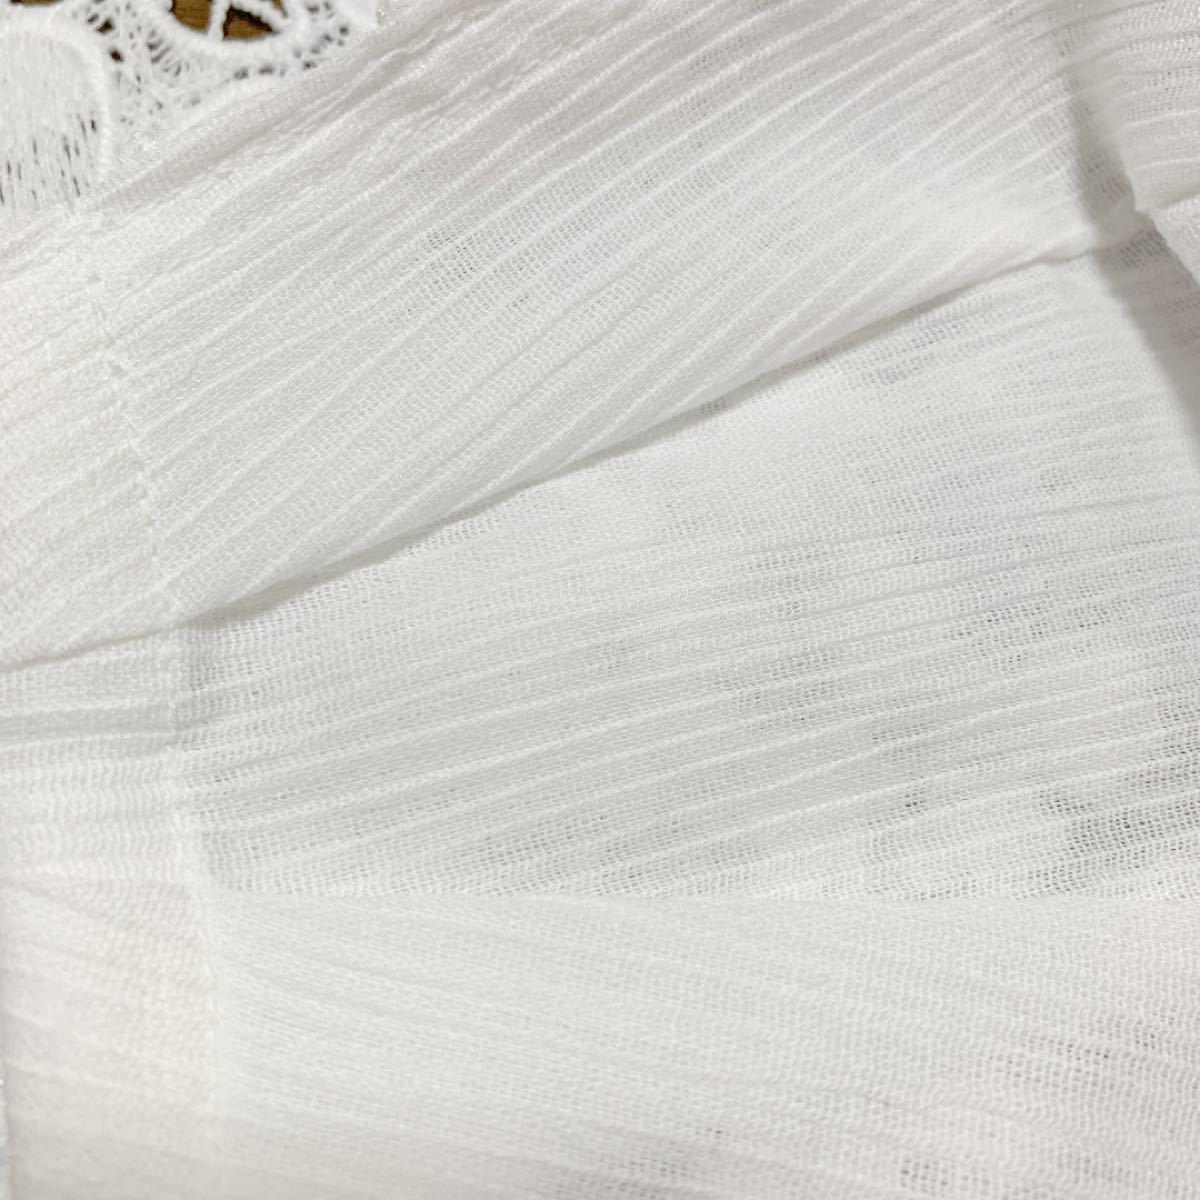 ハンドメイド不織布インナー  ハンドメイド不織布カバー ハンドメイド立体インナー